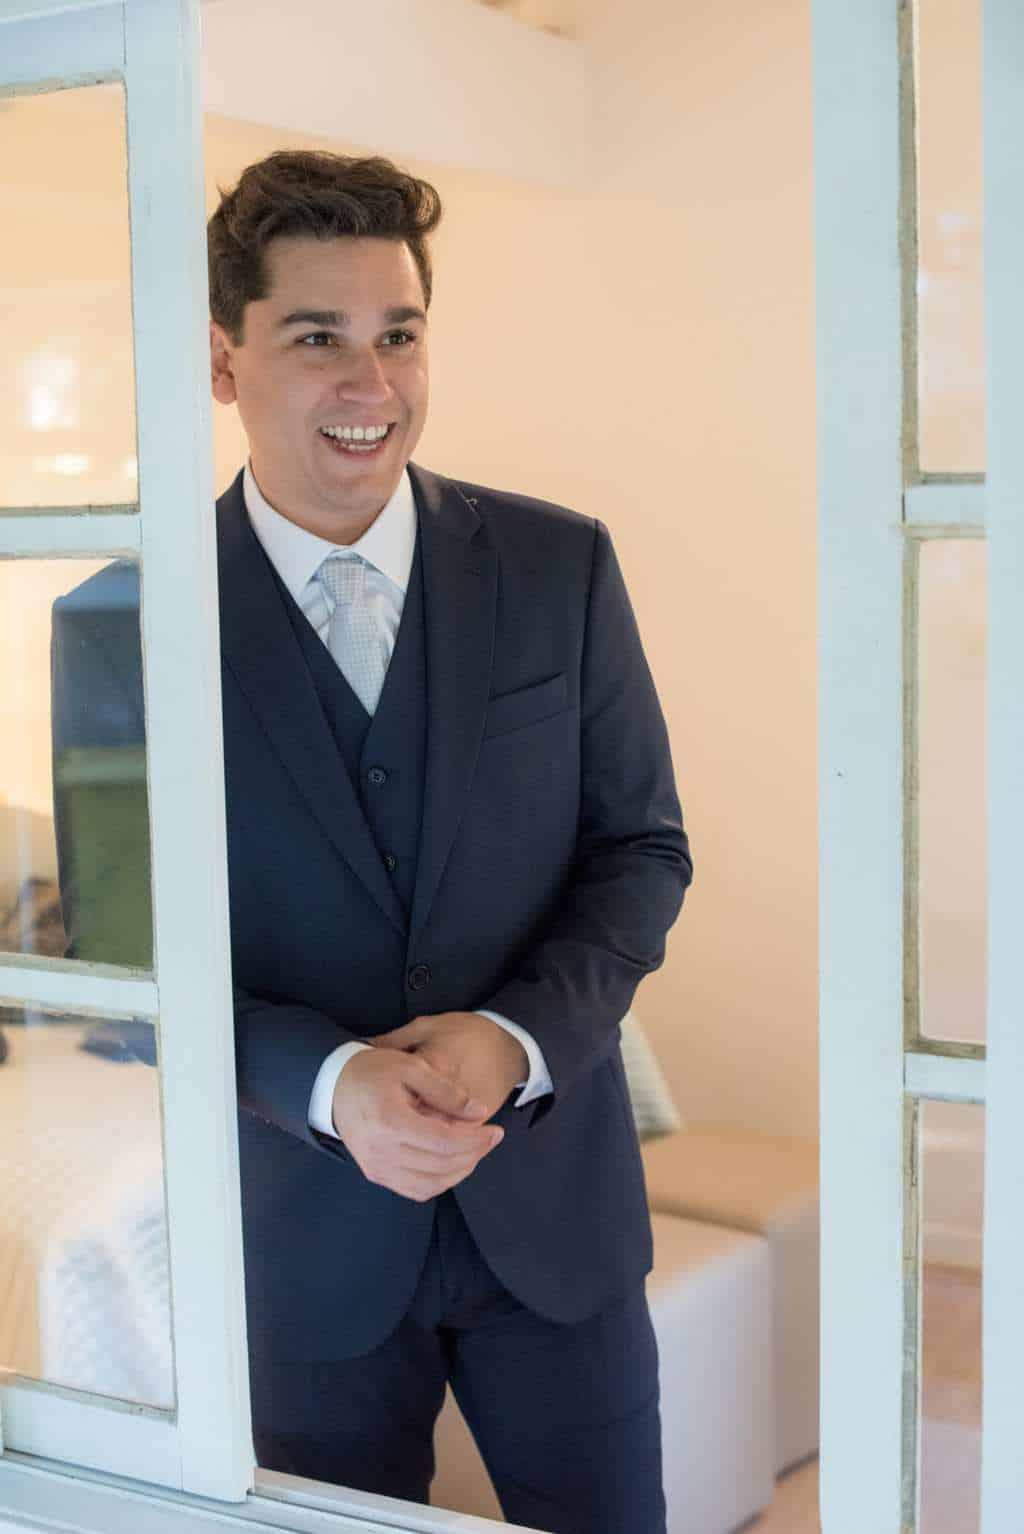 casamento-de-dia-casamento-Nicole-e-Thales-casamento-no-jardim-csasamento-ao-ar-livre-Fotografia-Marina-Fava-Galeria-Jardim-Rio-de-Janeiro-32